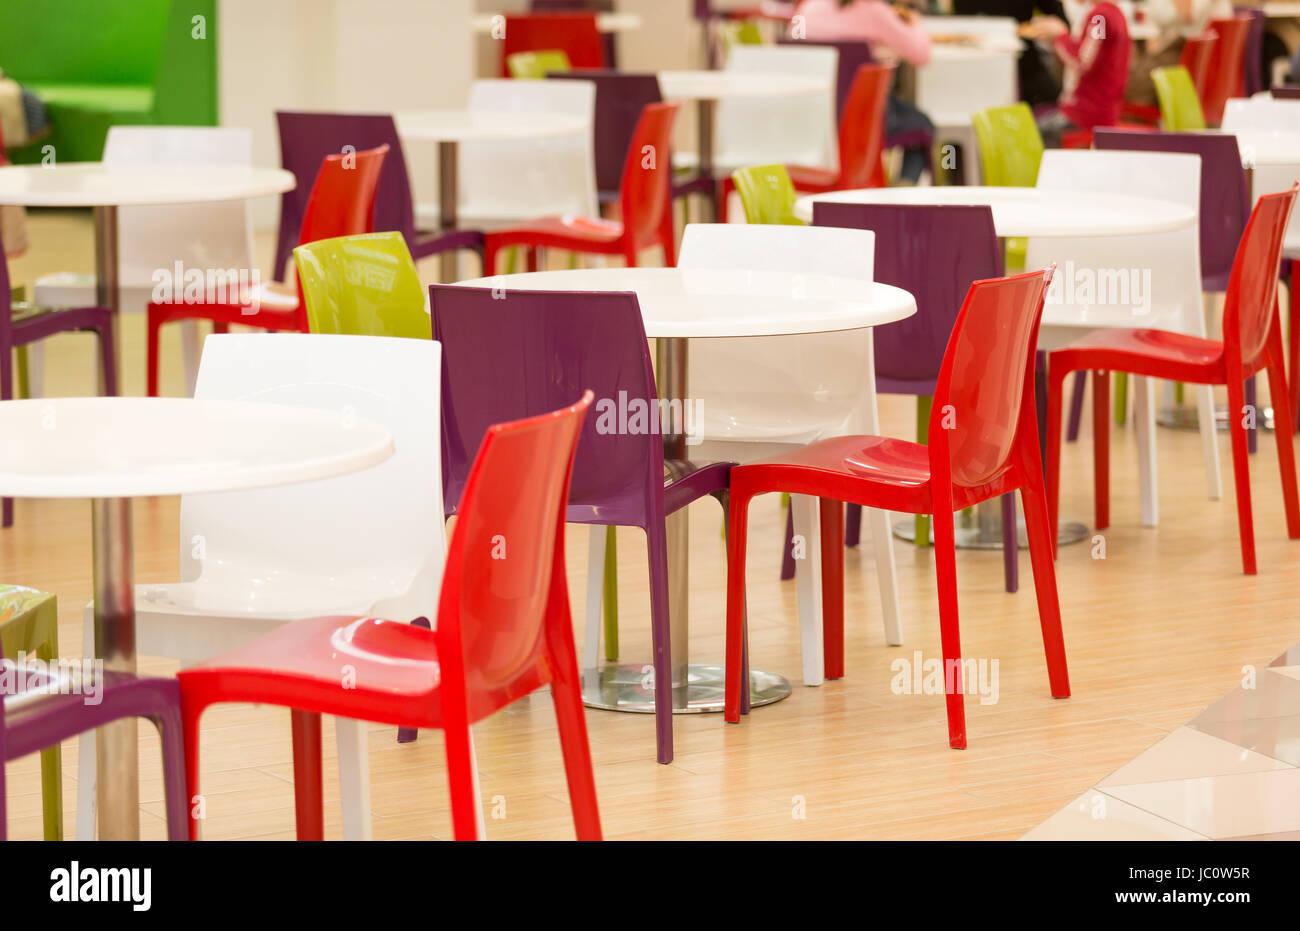 Bunte Kunststoff-Stühle und Tische im großen Kantine Stockfoto, Bild ...